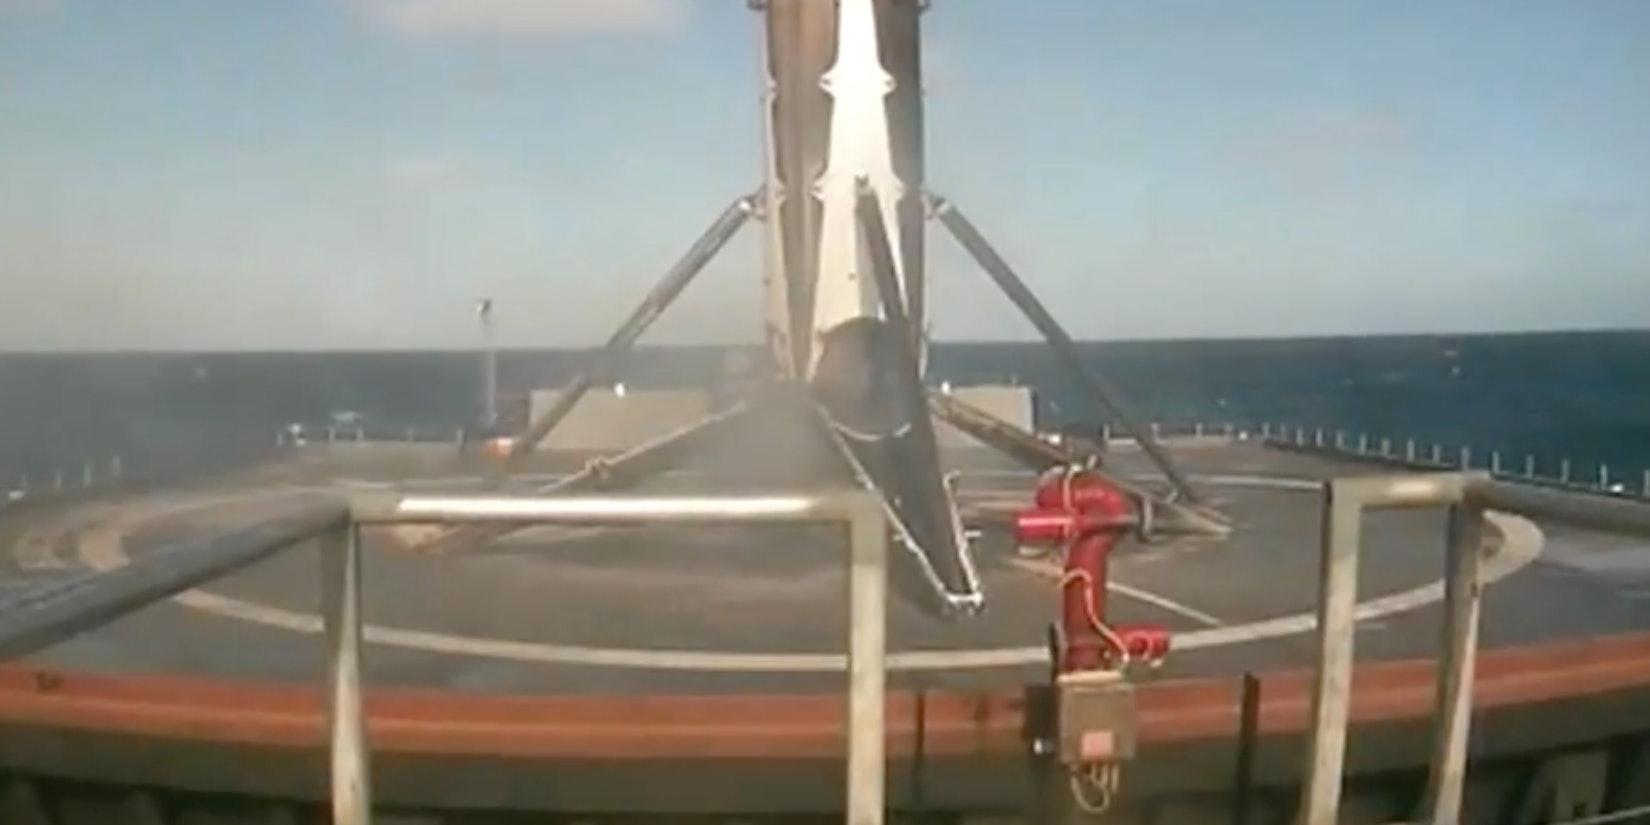 Falcon 9 launch January 14